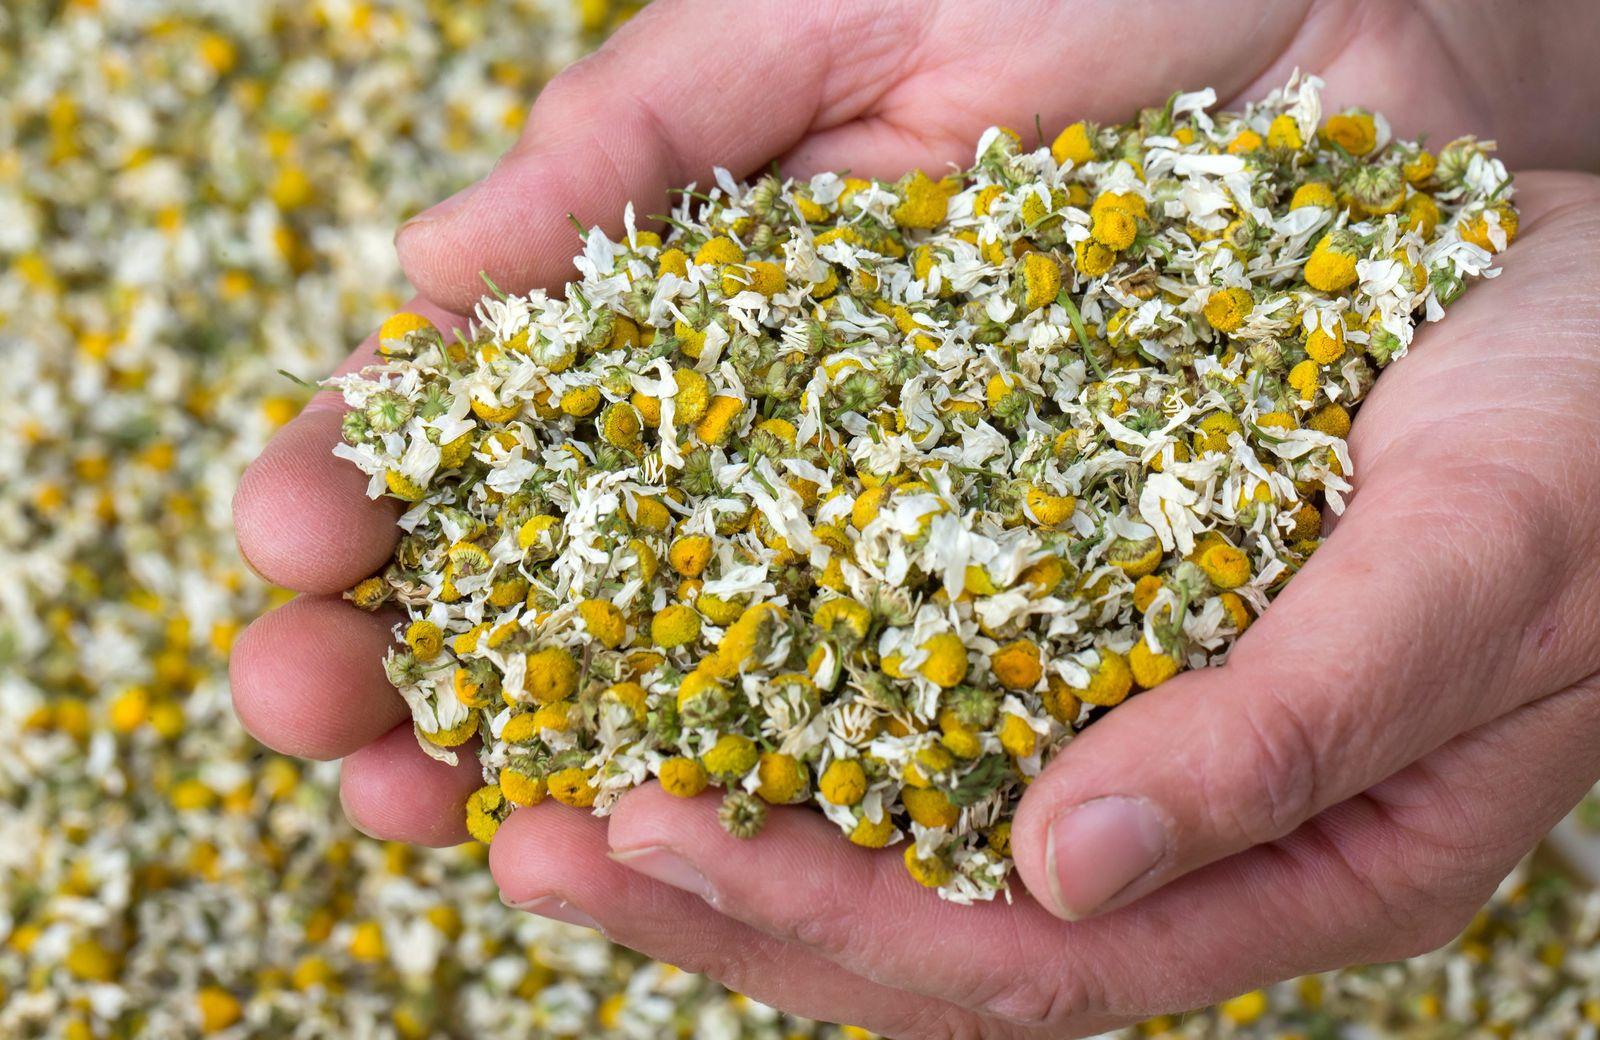 Arzneimittelpflanzen / Kamille